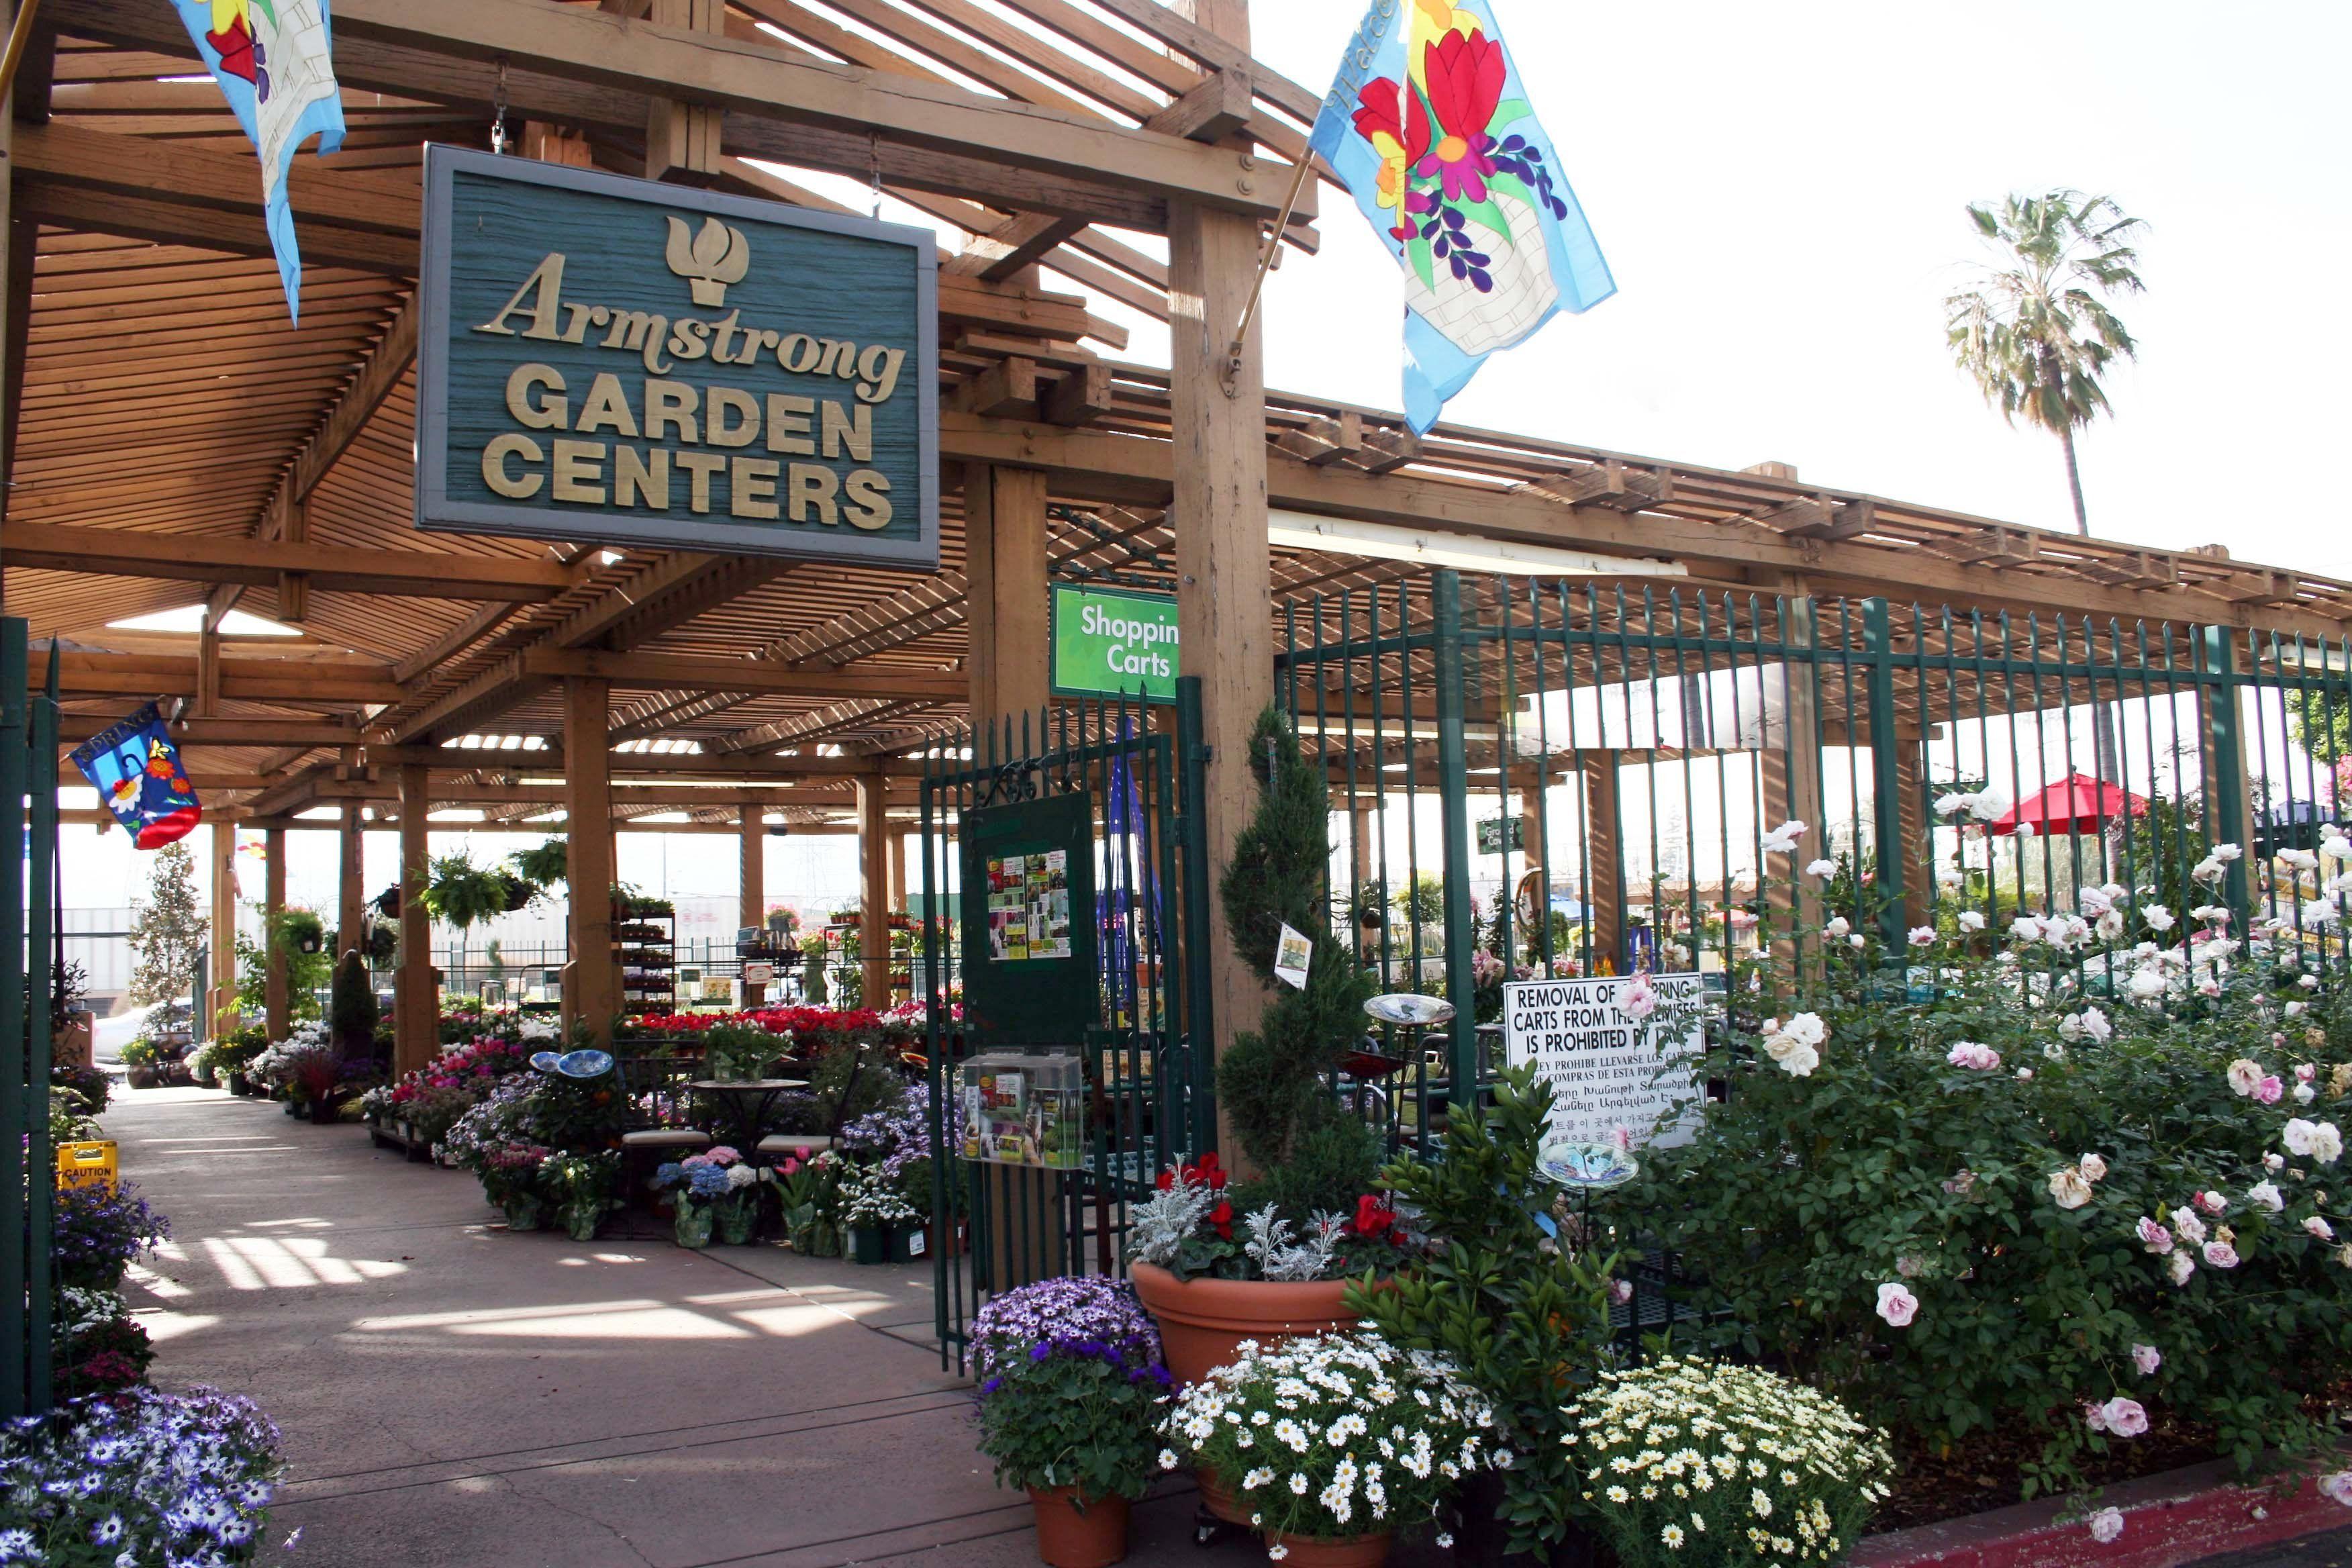 Armstrong Garden Center (amazing Armstrong Garden Center Coupon #5)